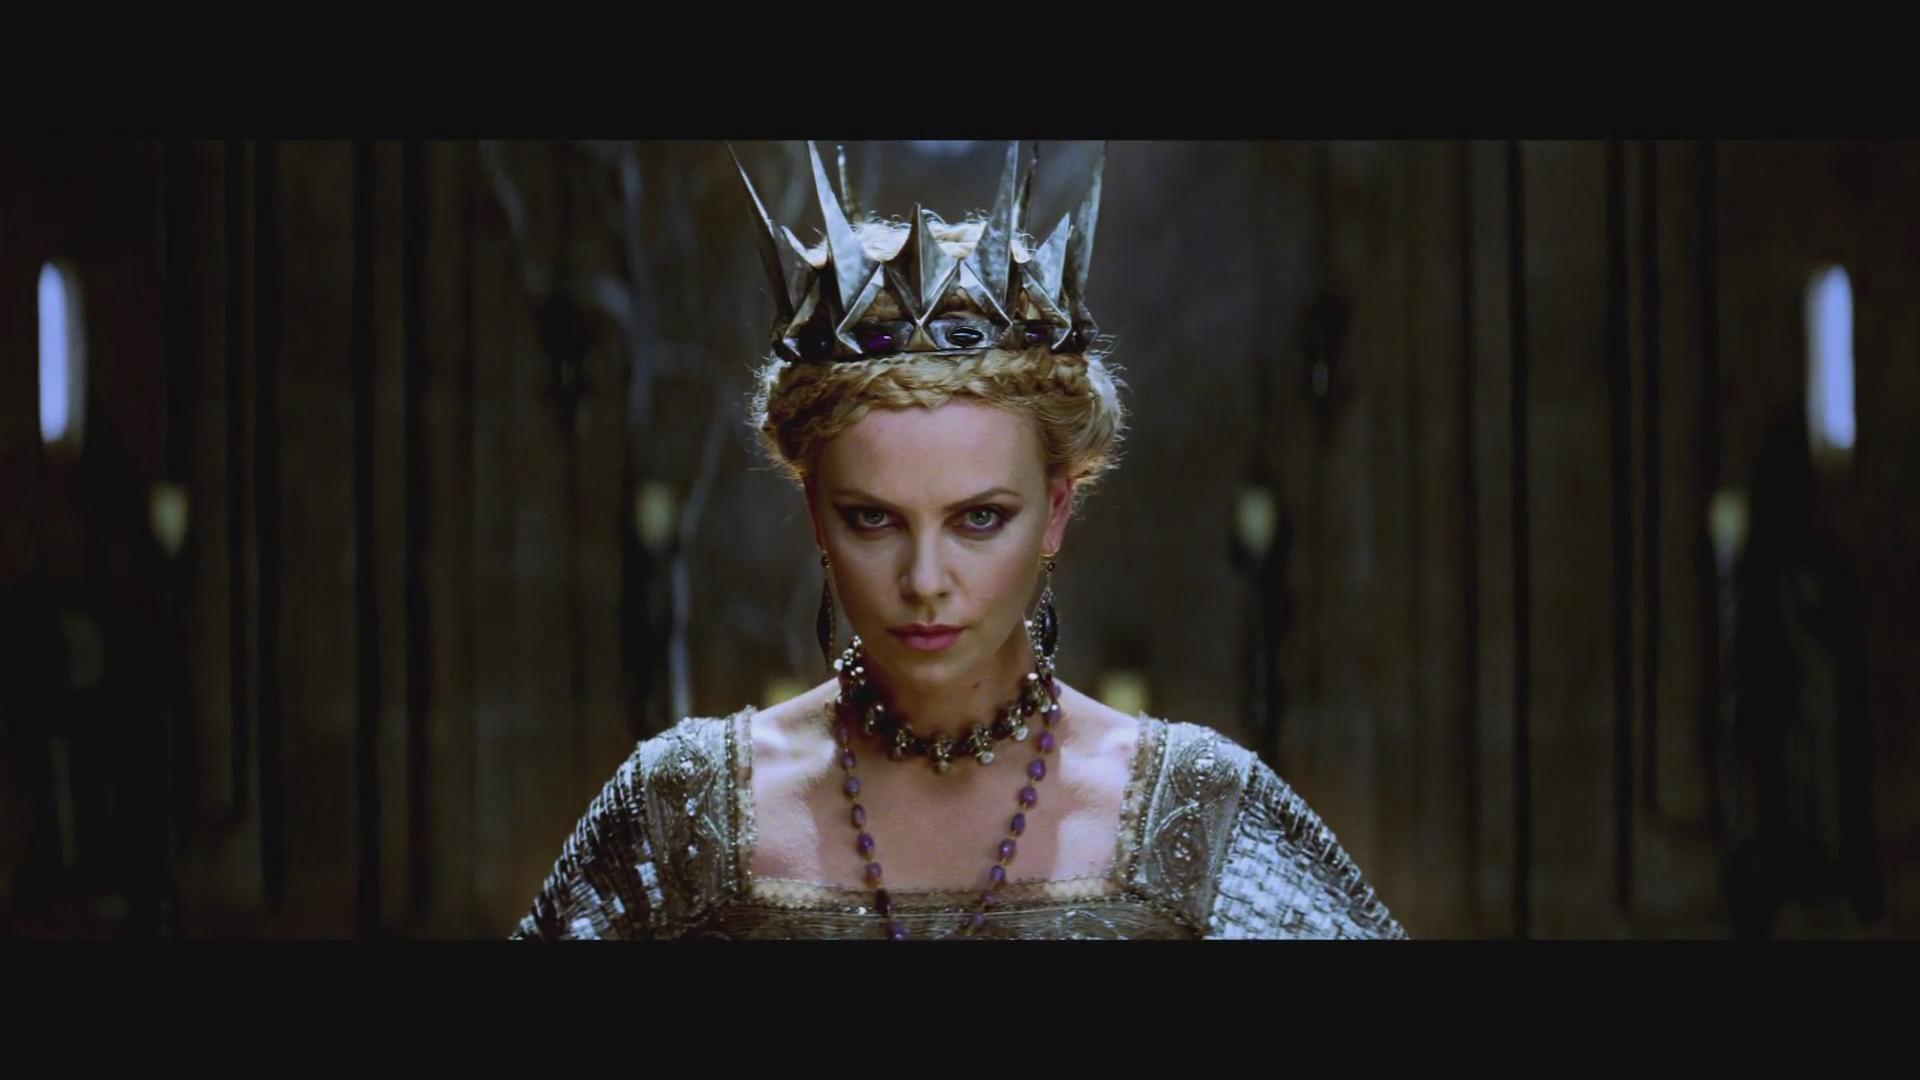 白雪公主與獵人_白雪公主彩色簡筆畫_童話鎮白雪公主